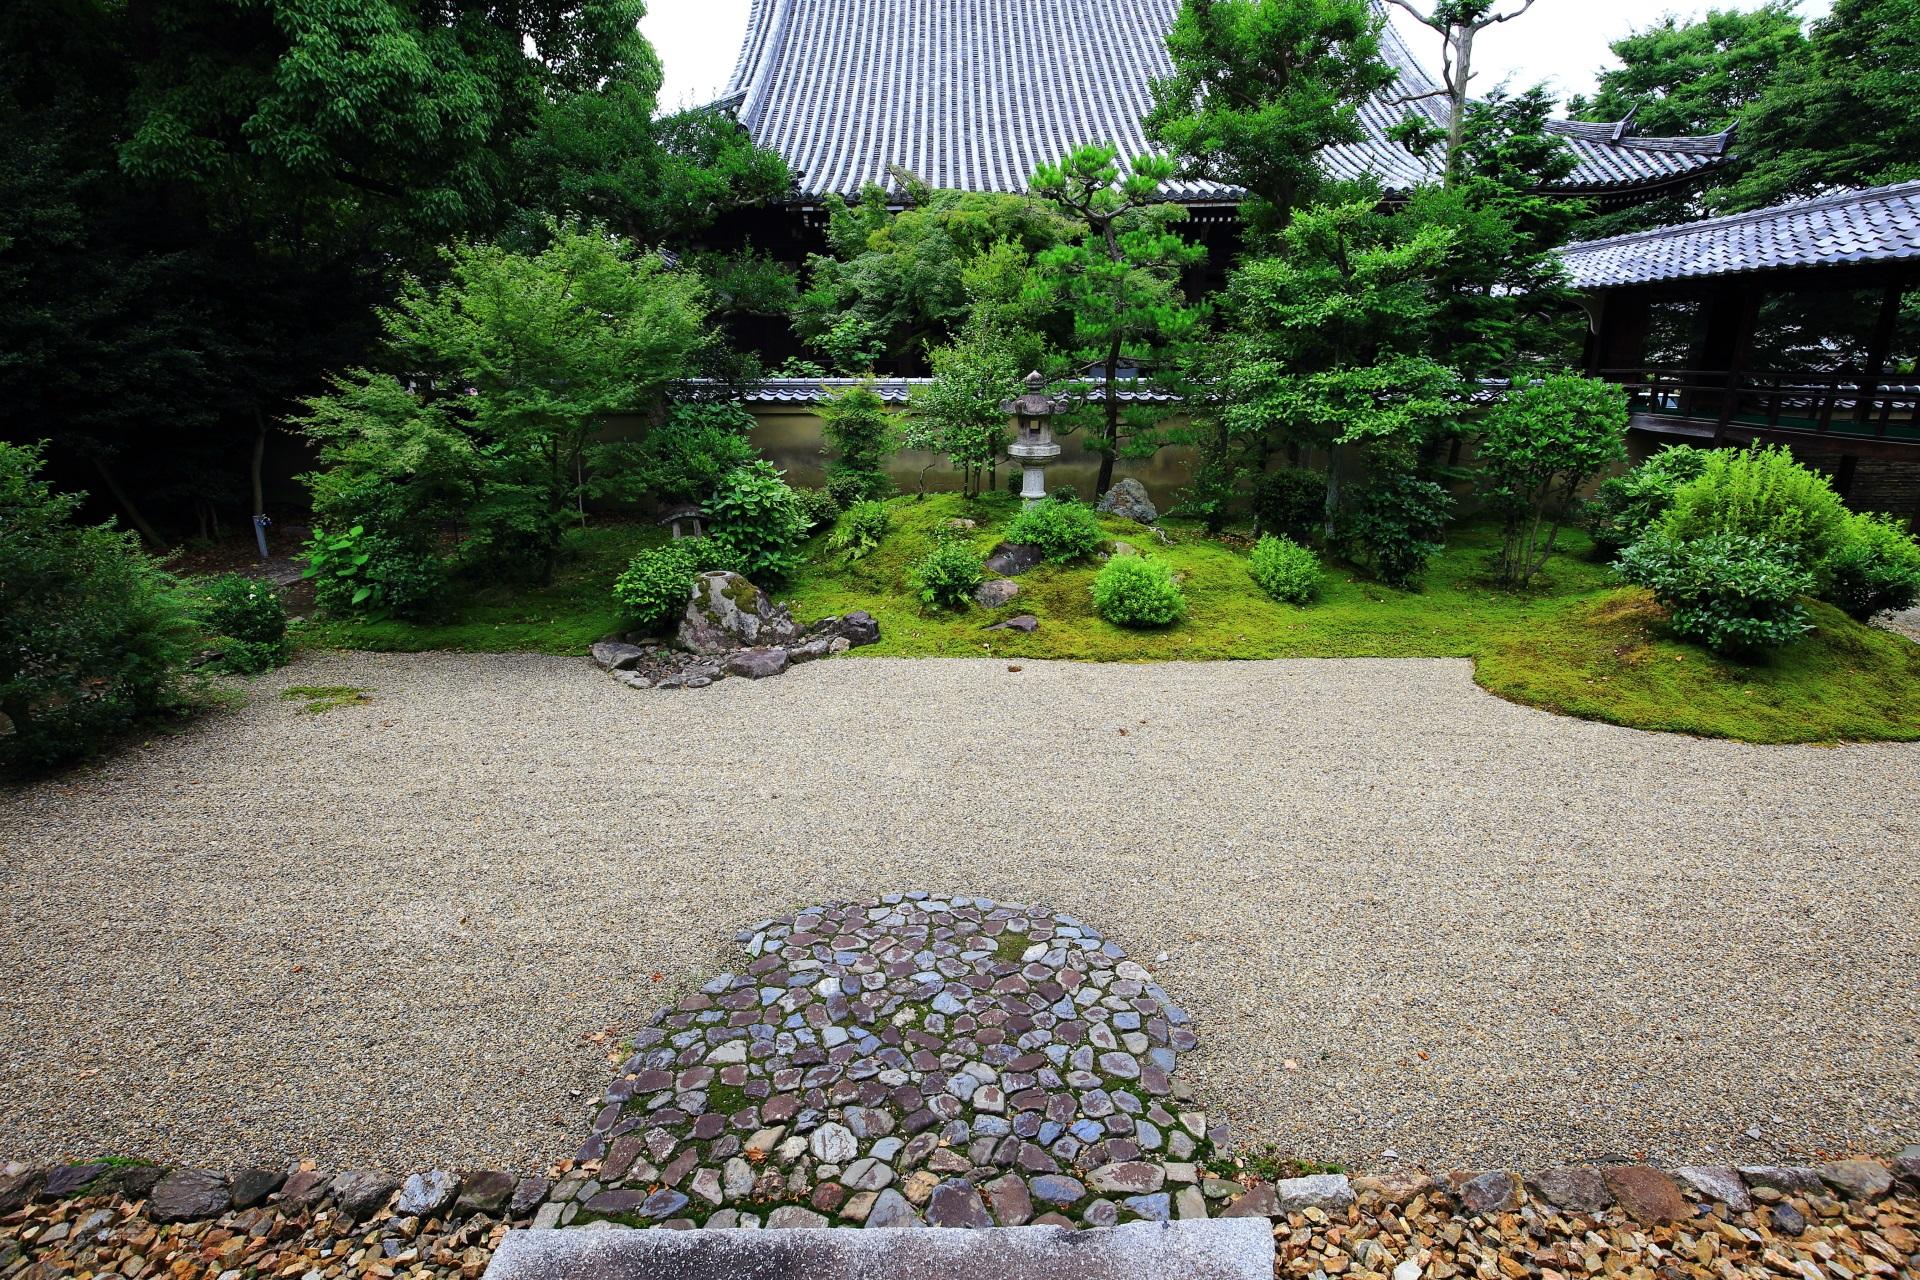 龍華苑と呼ばれる立本寺の美しい枯山水庭園